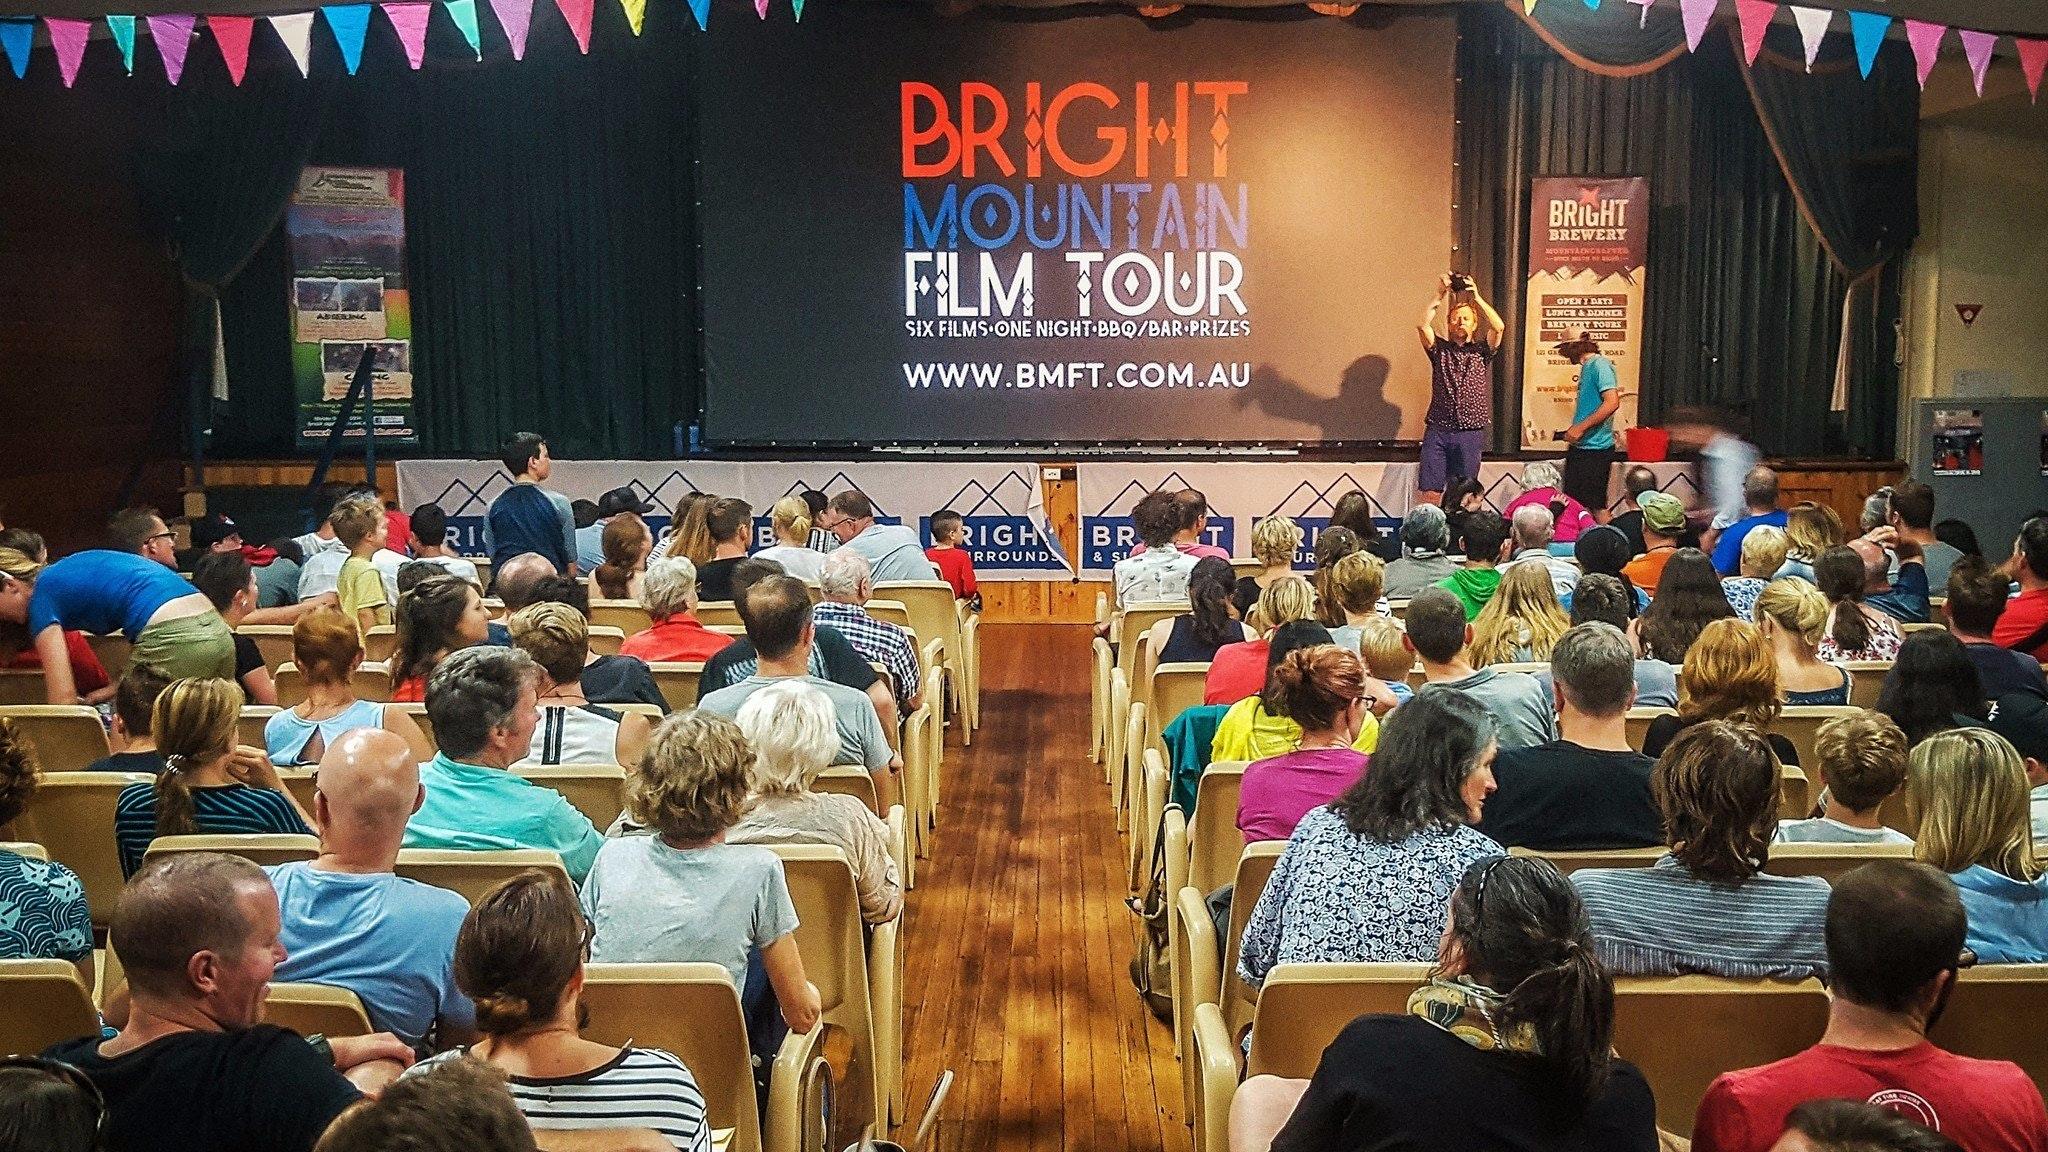 Bright Mountain Film Tour